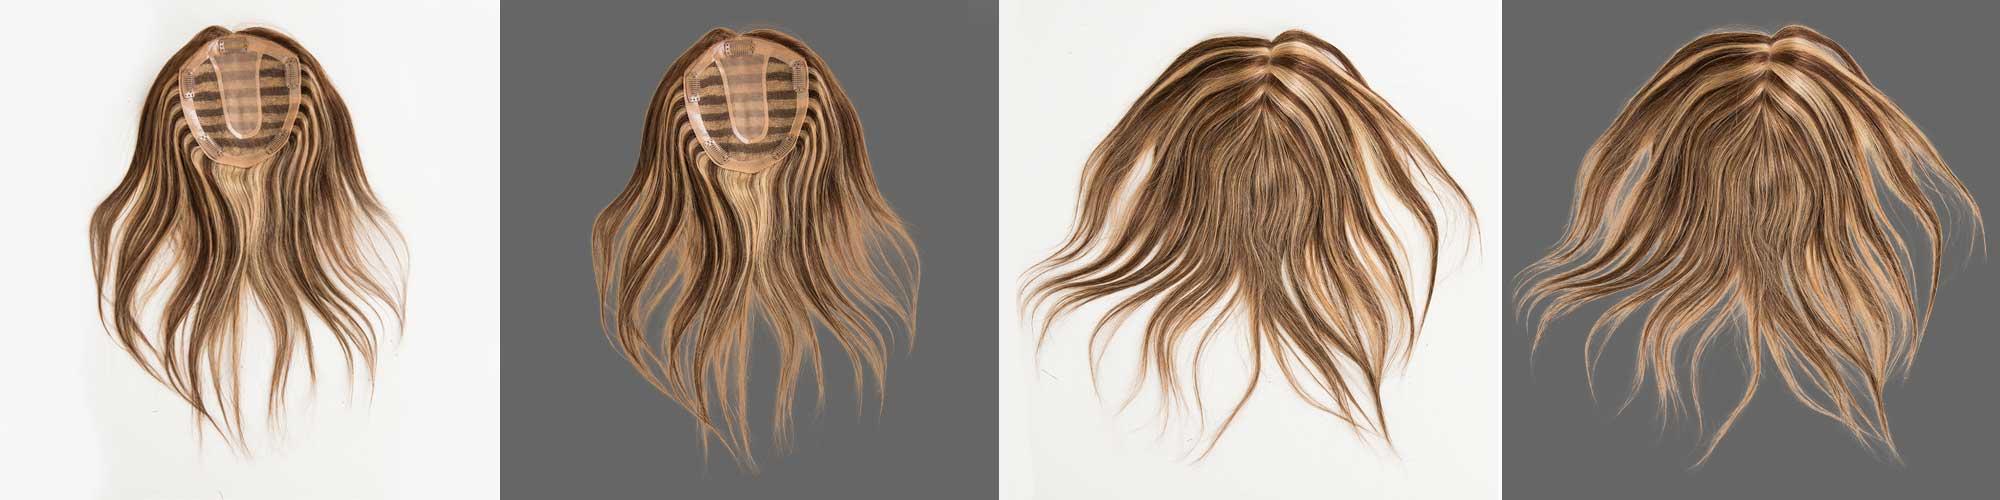 hair-image-masking